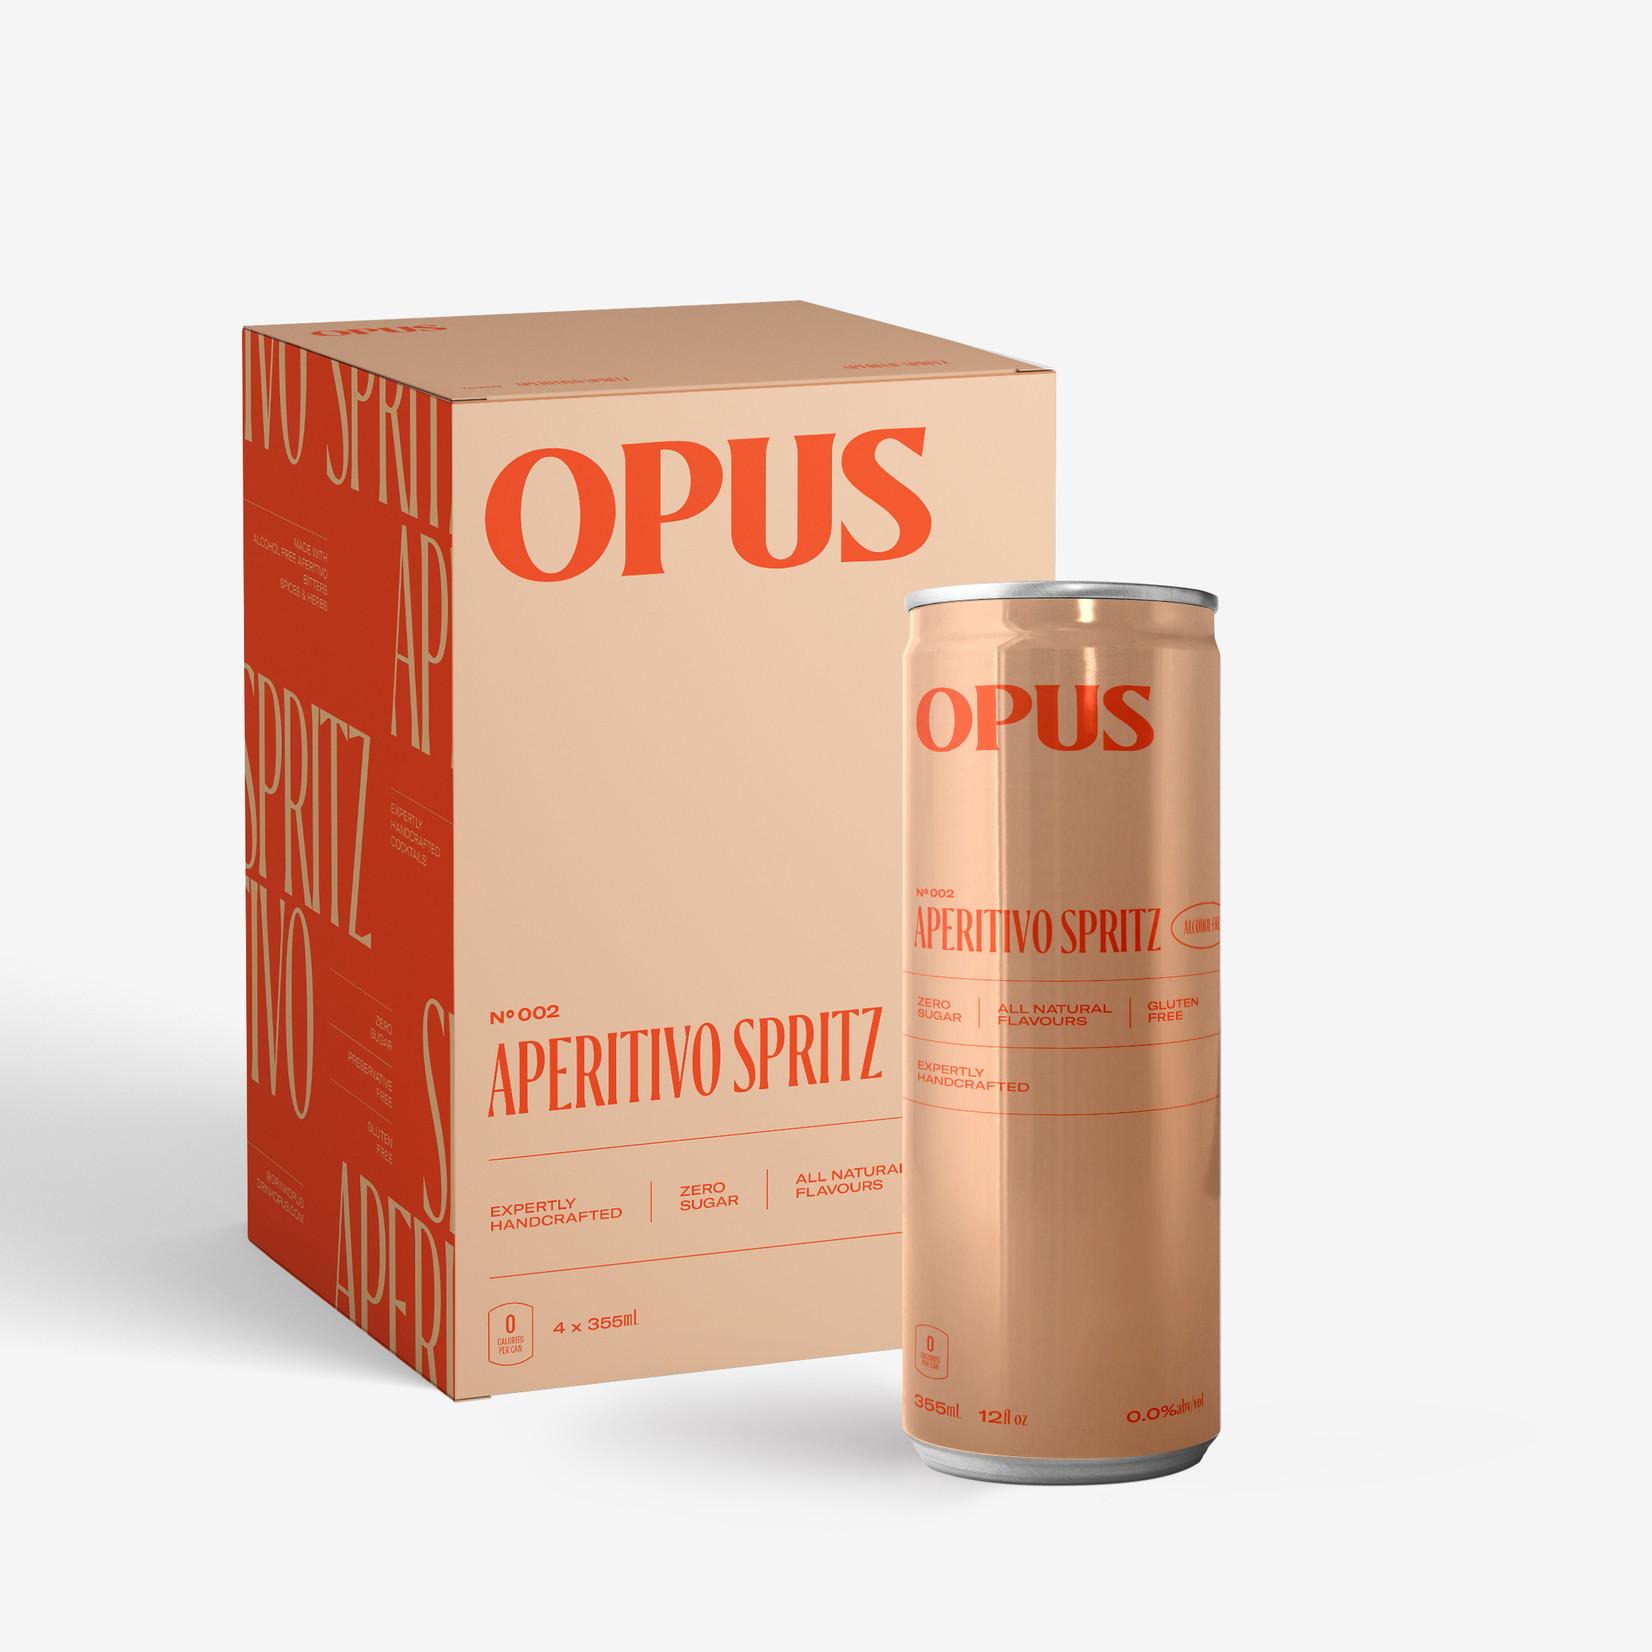 Opus Non Alcoholic Aperitivo Spritz